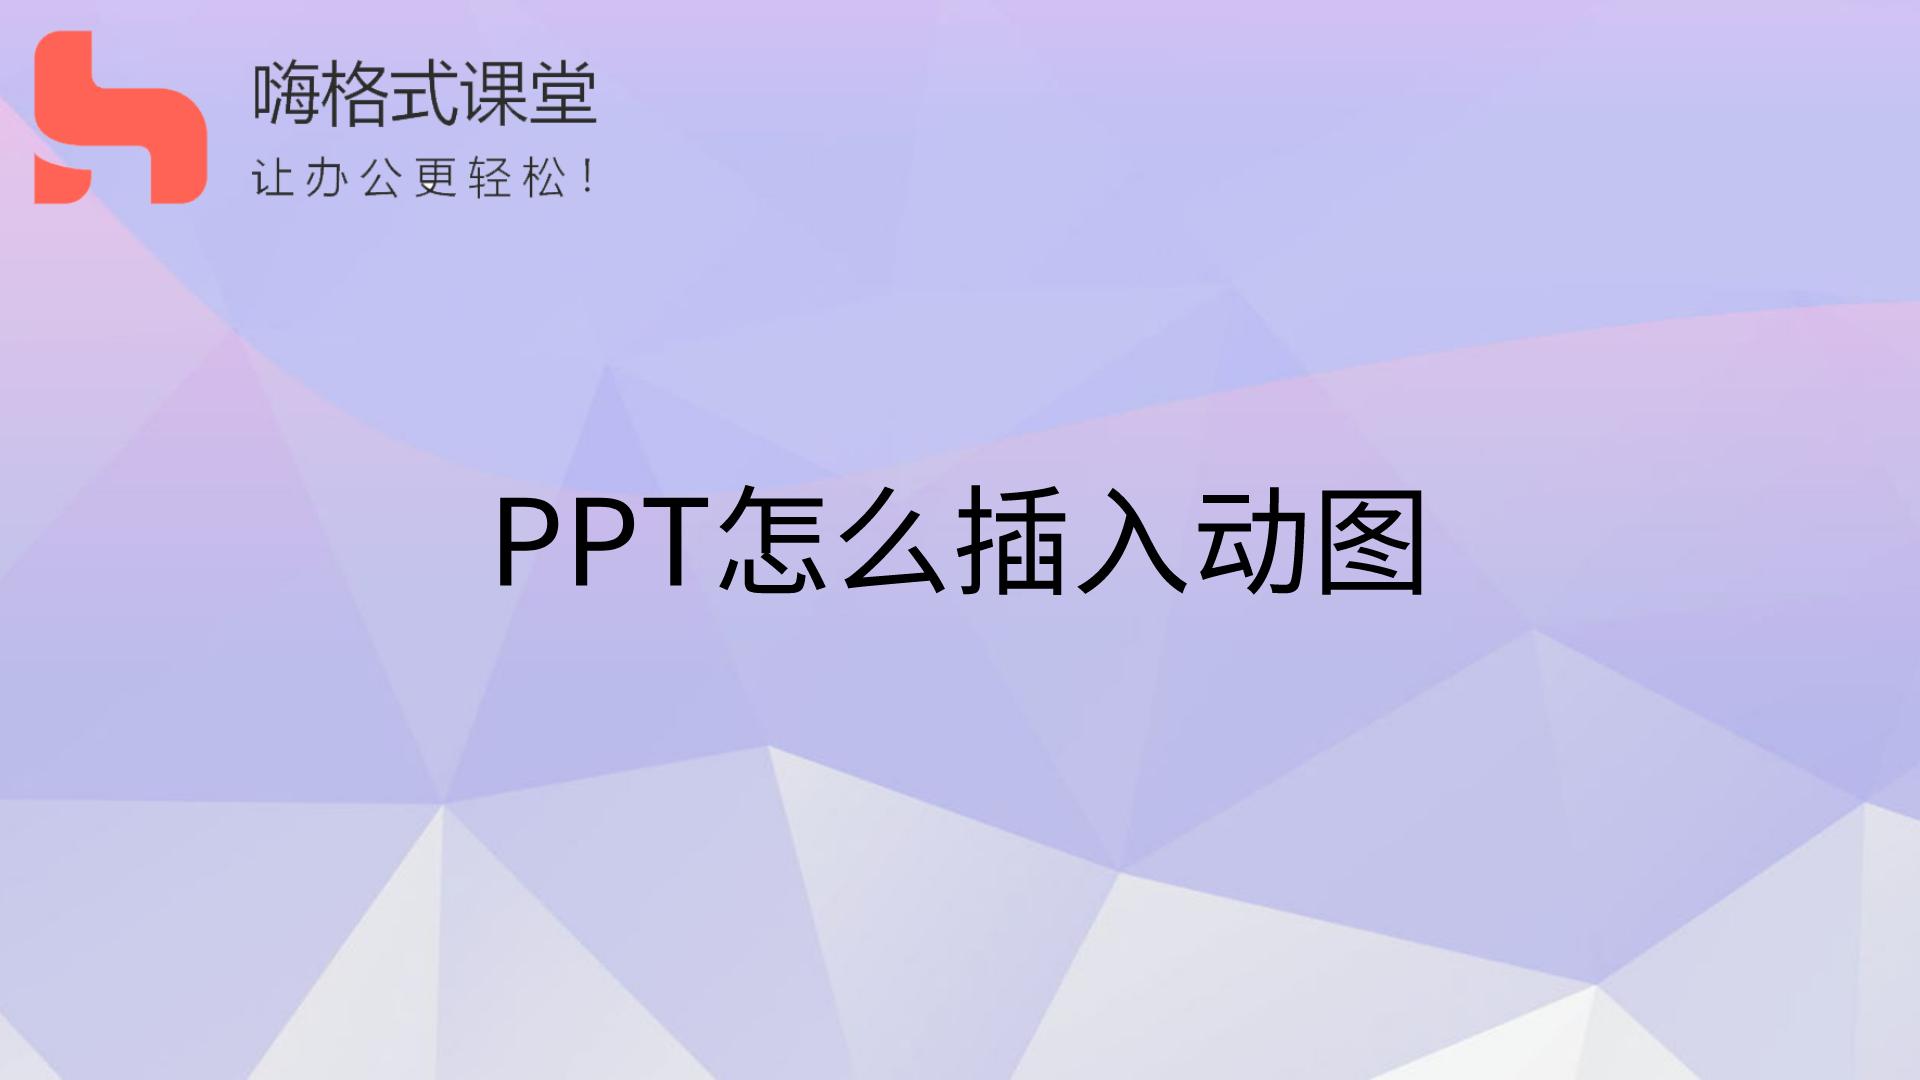 PPT怎么插入动图